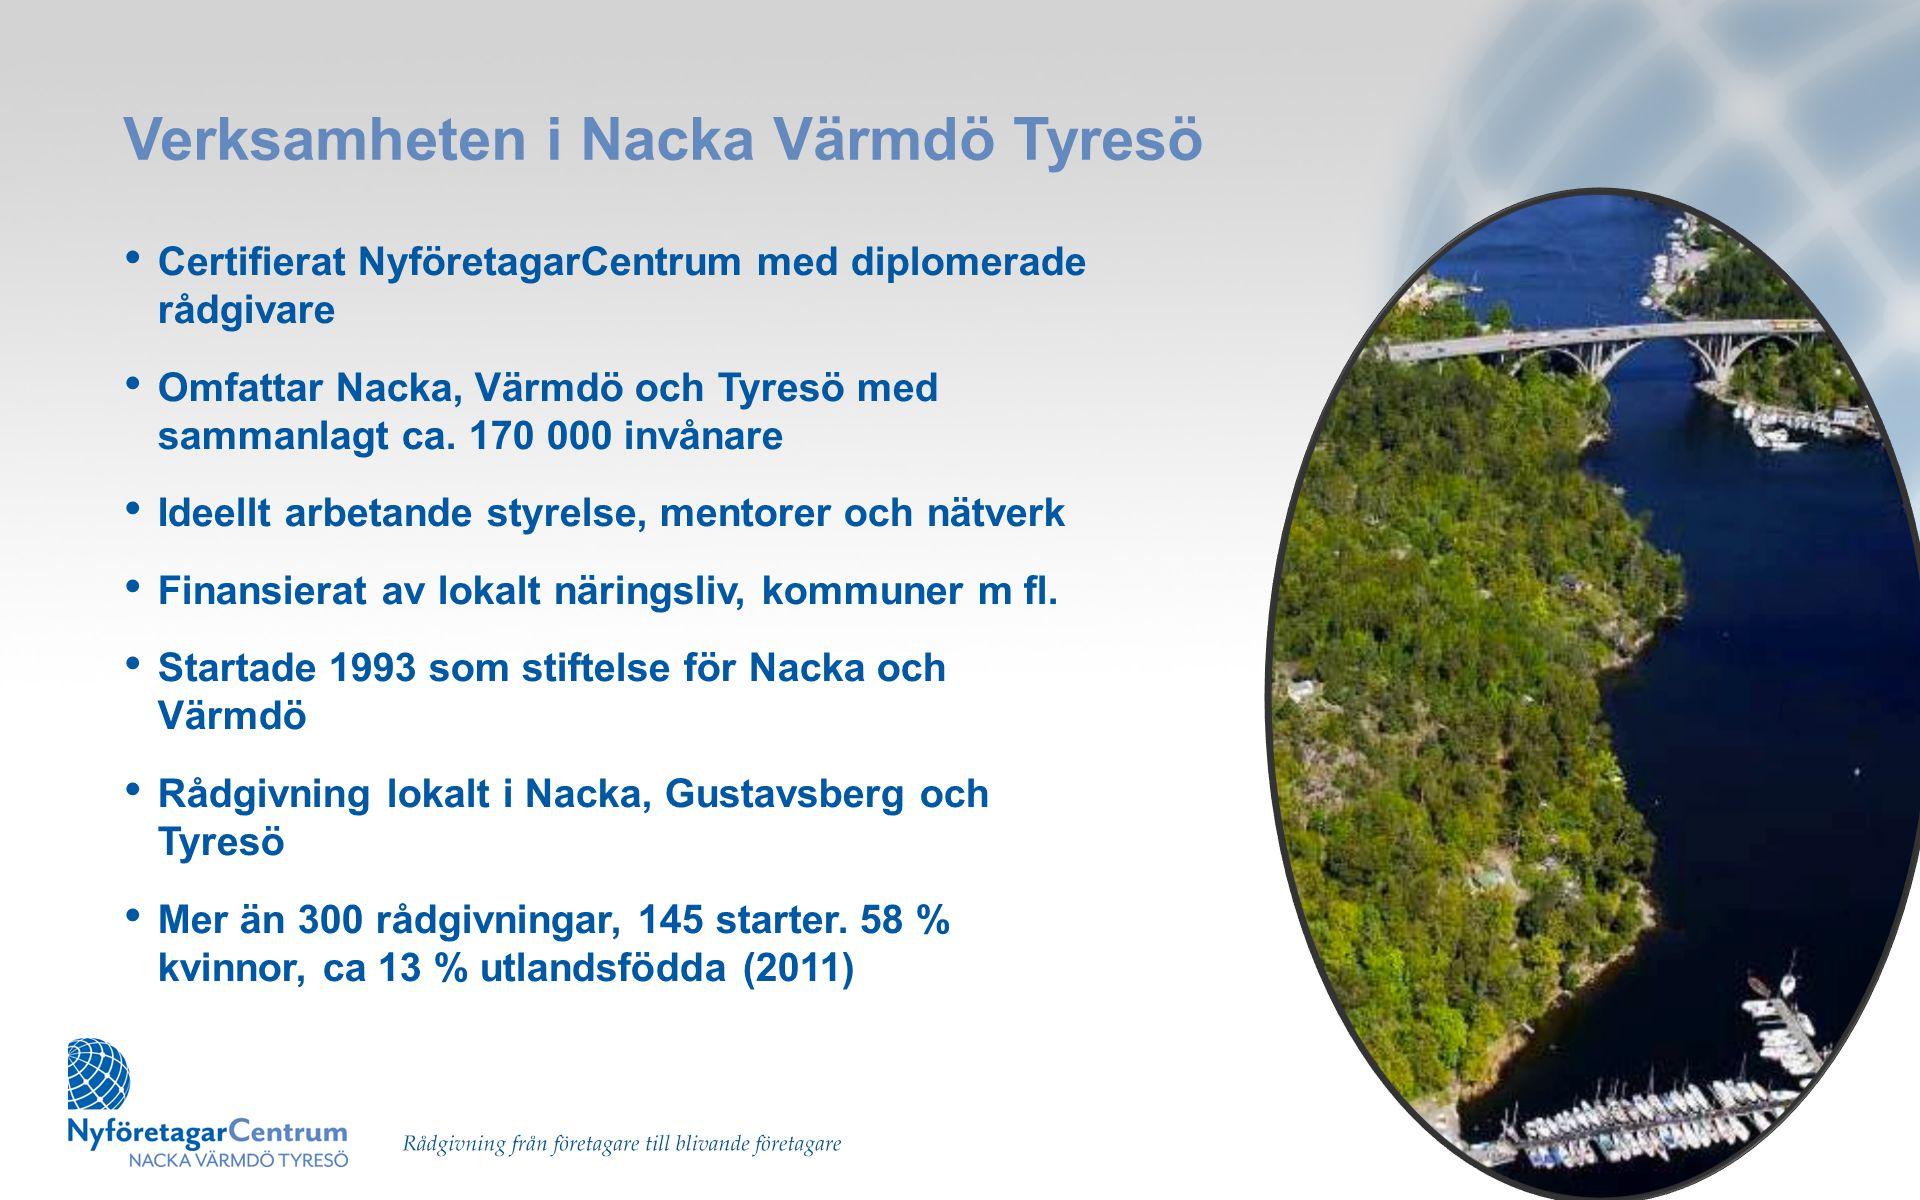 Verksamheten i Nacka Värmdö Tyresö • Certifierat NyföretagarCentrum med diplomerade rådgivare • Omfattar Nacka, Värmdö och Tyresö med sammanlagt ca. 1